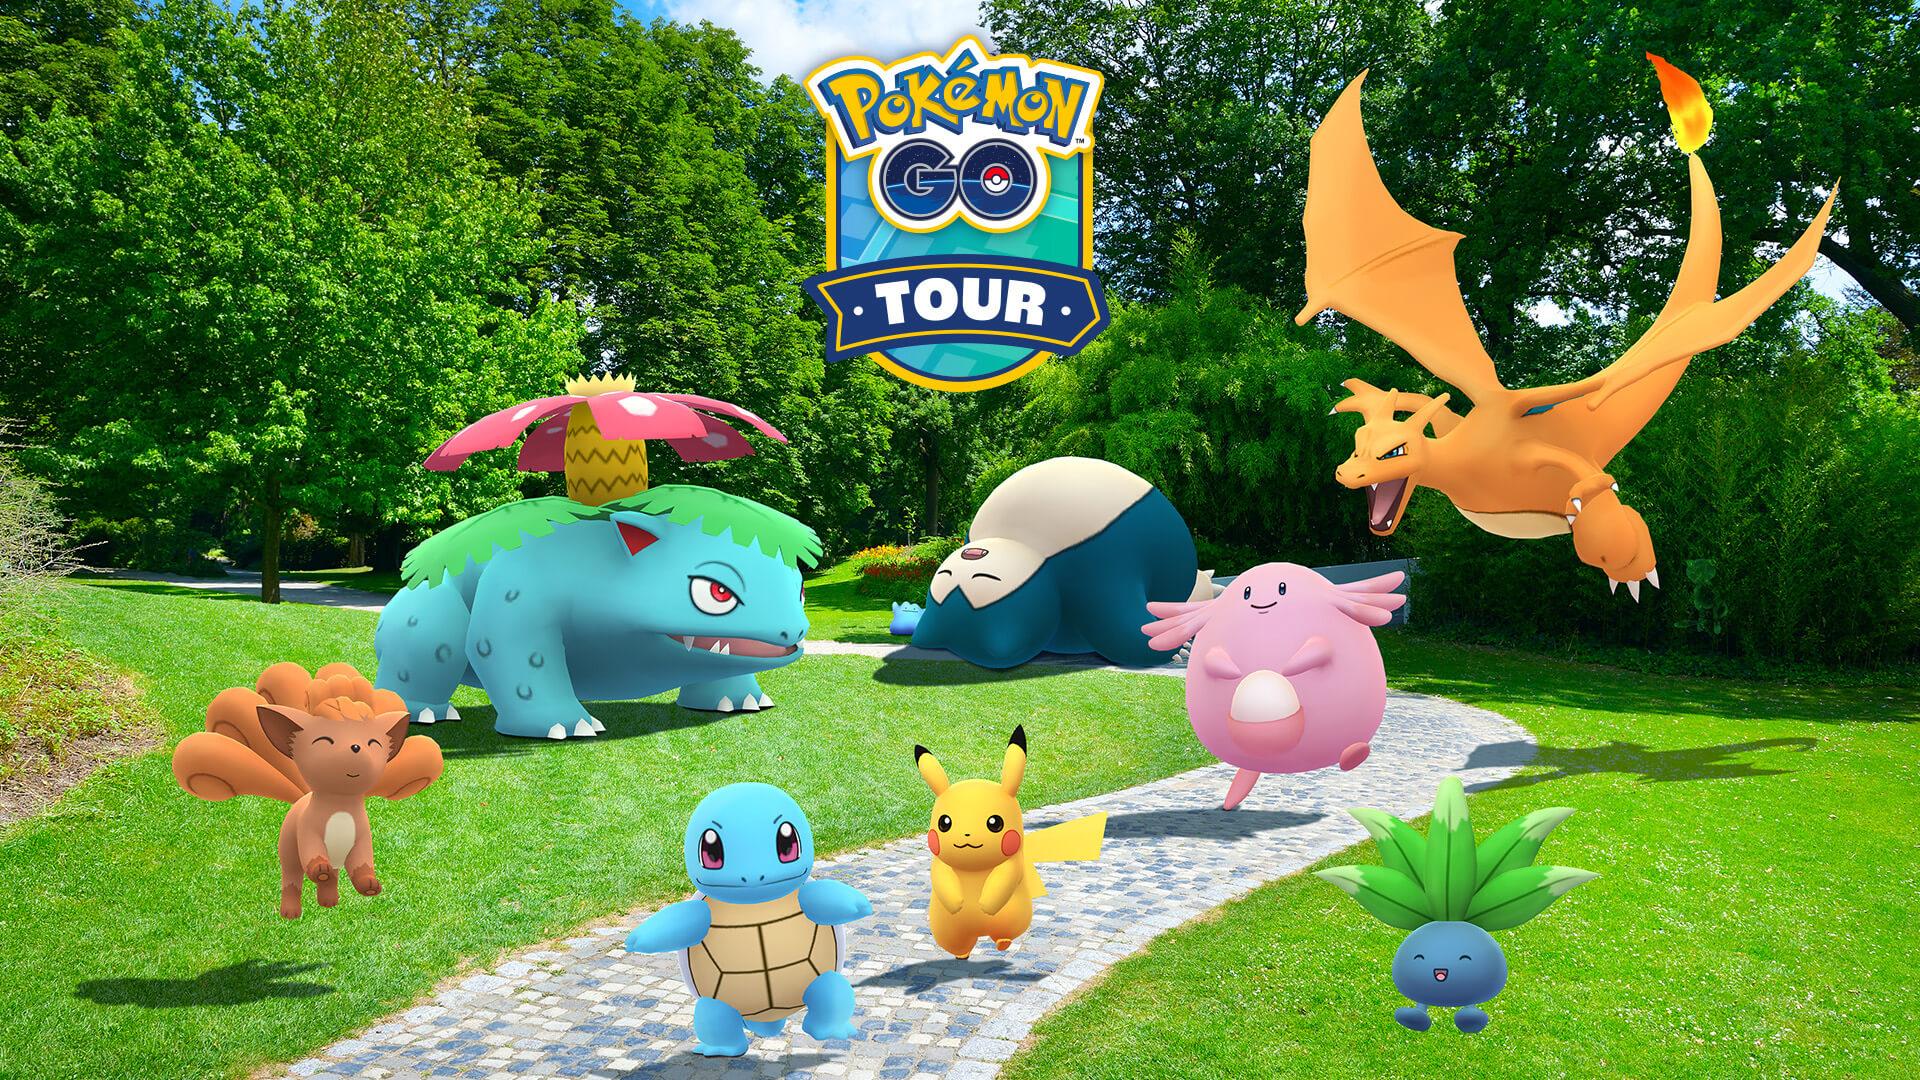 2月27日は「Pokémon Day」25周年!『ポケモン ソード・シールド』、『Pokémon GO』などで新企画が満載 art210219_pokemonday_6